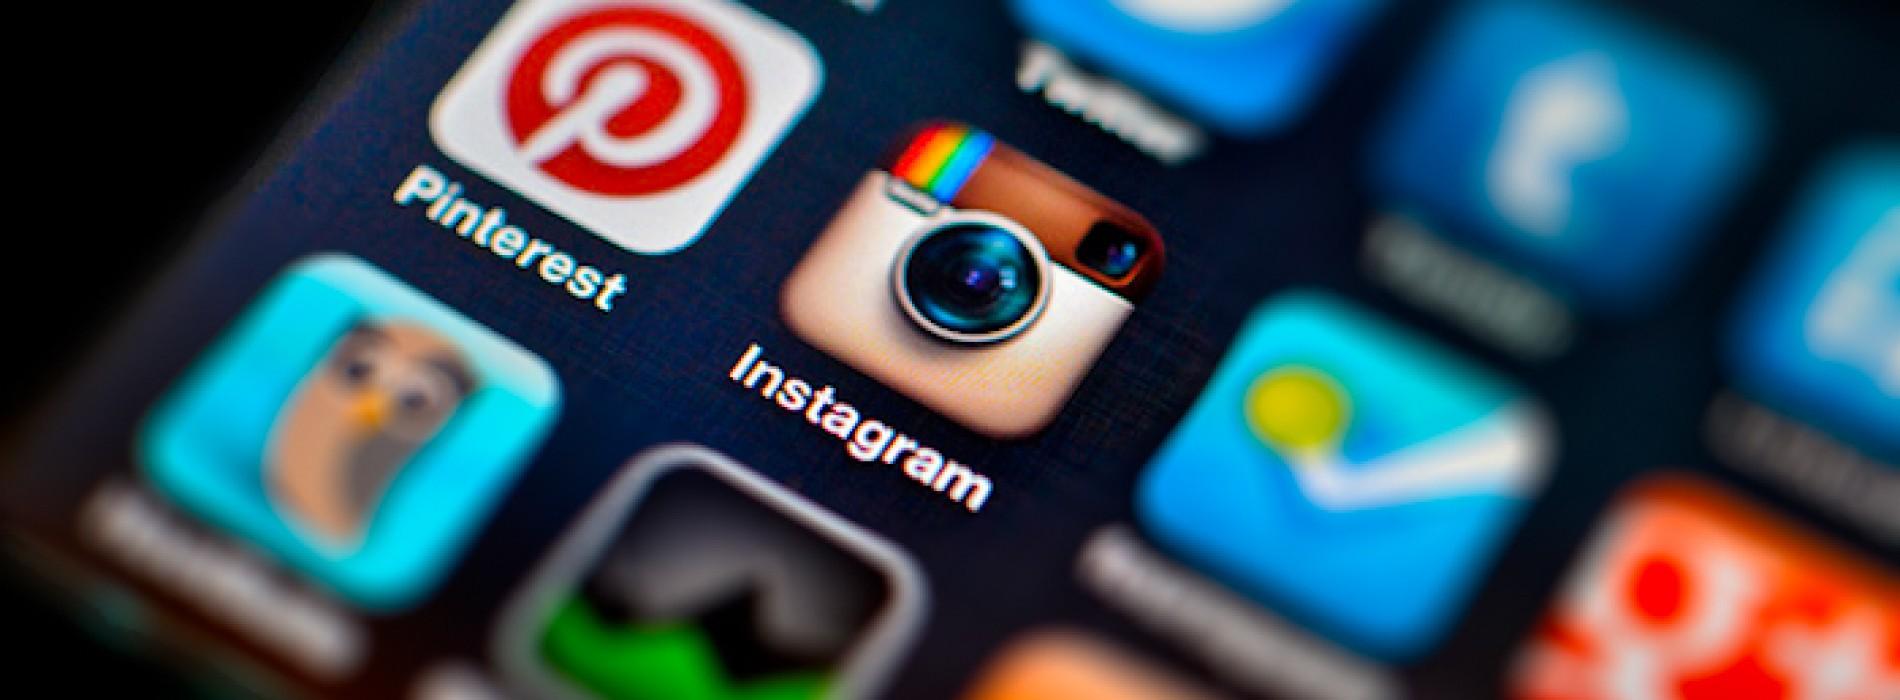 Instagram i Pinterest – duet doskonały w wizualnej komunikacji marketingowej